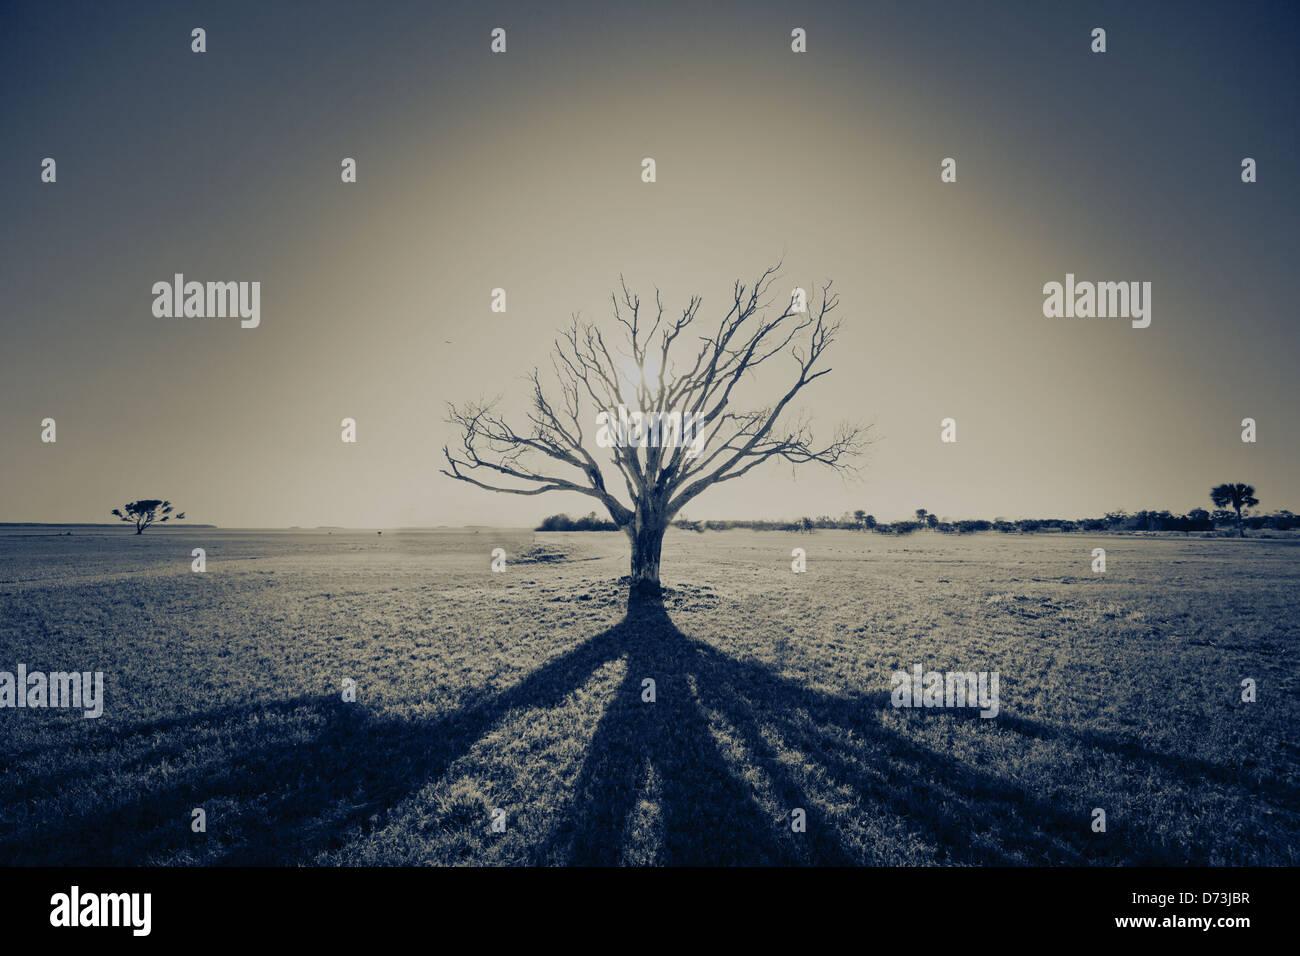 tree, silhouette, sun, beach, sadness, depression, shadow, shadows - Stock Image